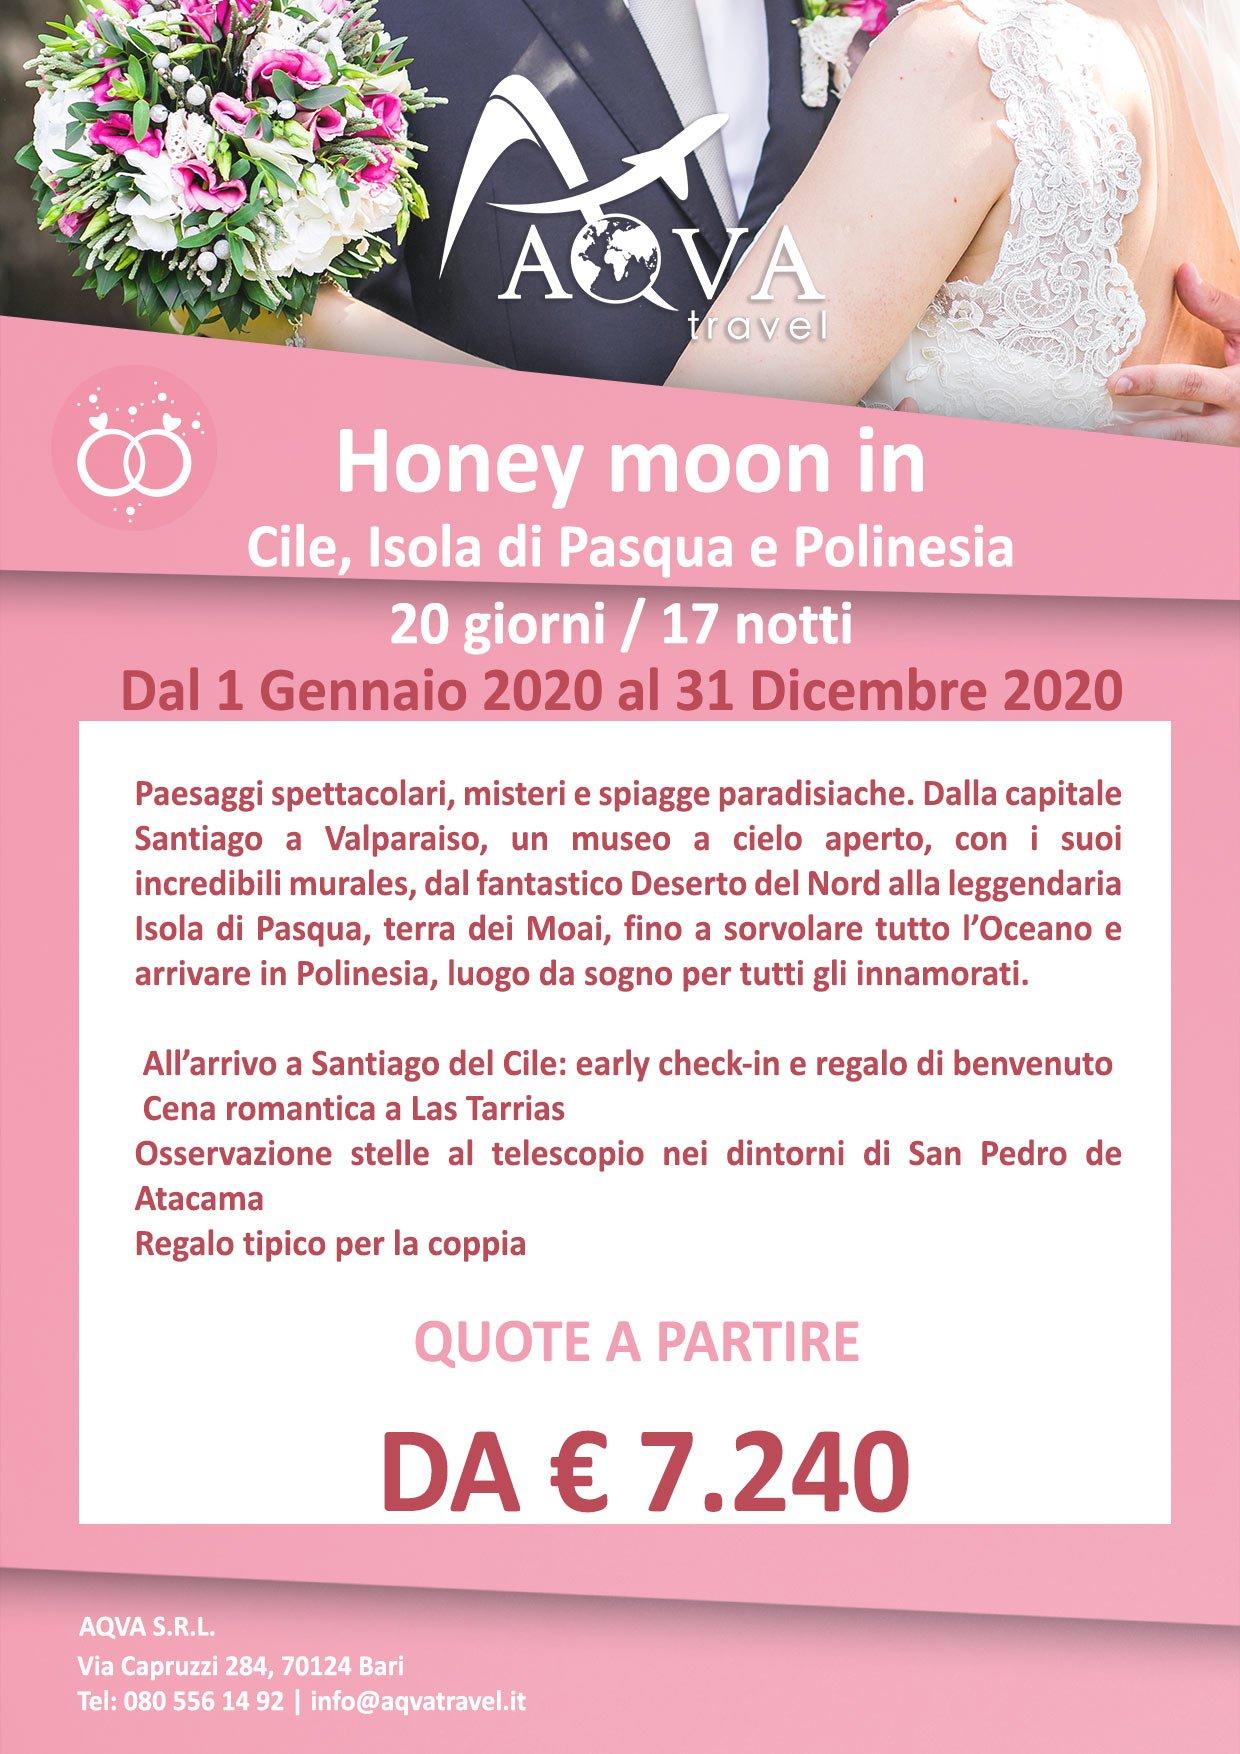 Honey-Moon-in-Cile-Isola-di-Pasqua-e-Polinesia-20-giorni-17-notti-VIAGGI-Honeymoon-offerte-agenzia-di-viaggi-Bari-AQVATRAVEL-it